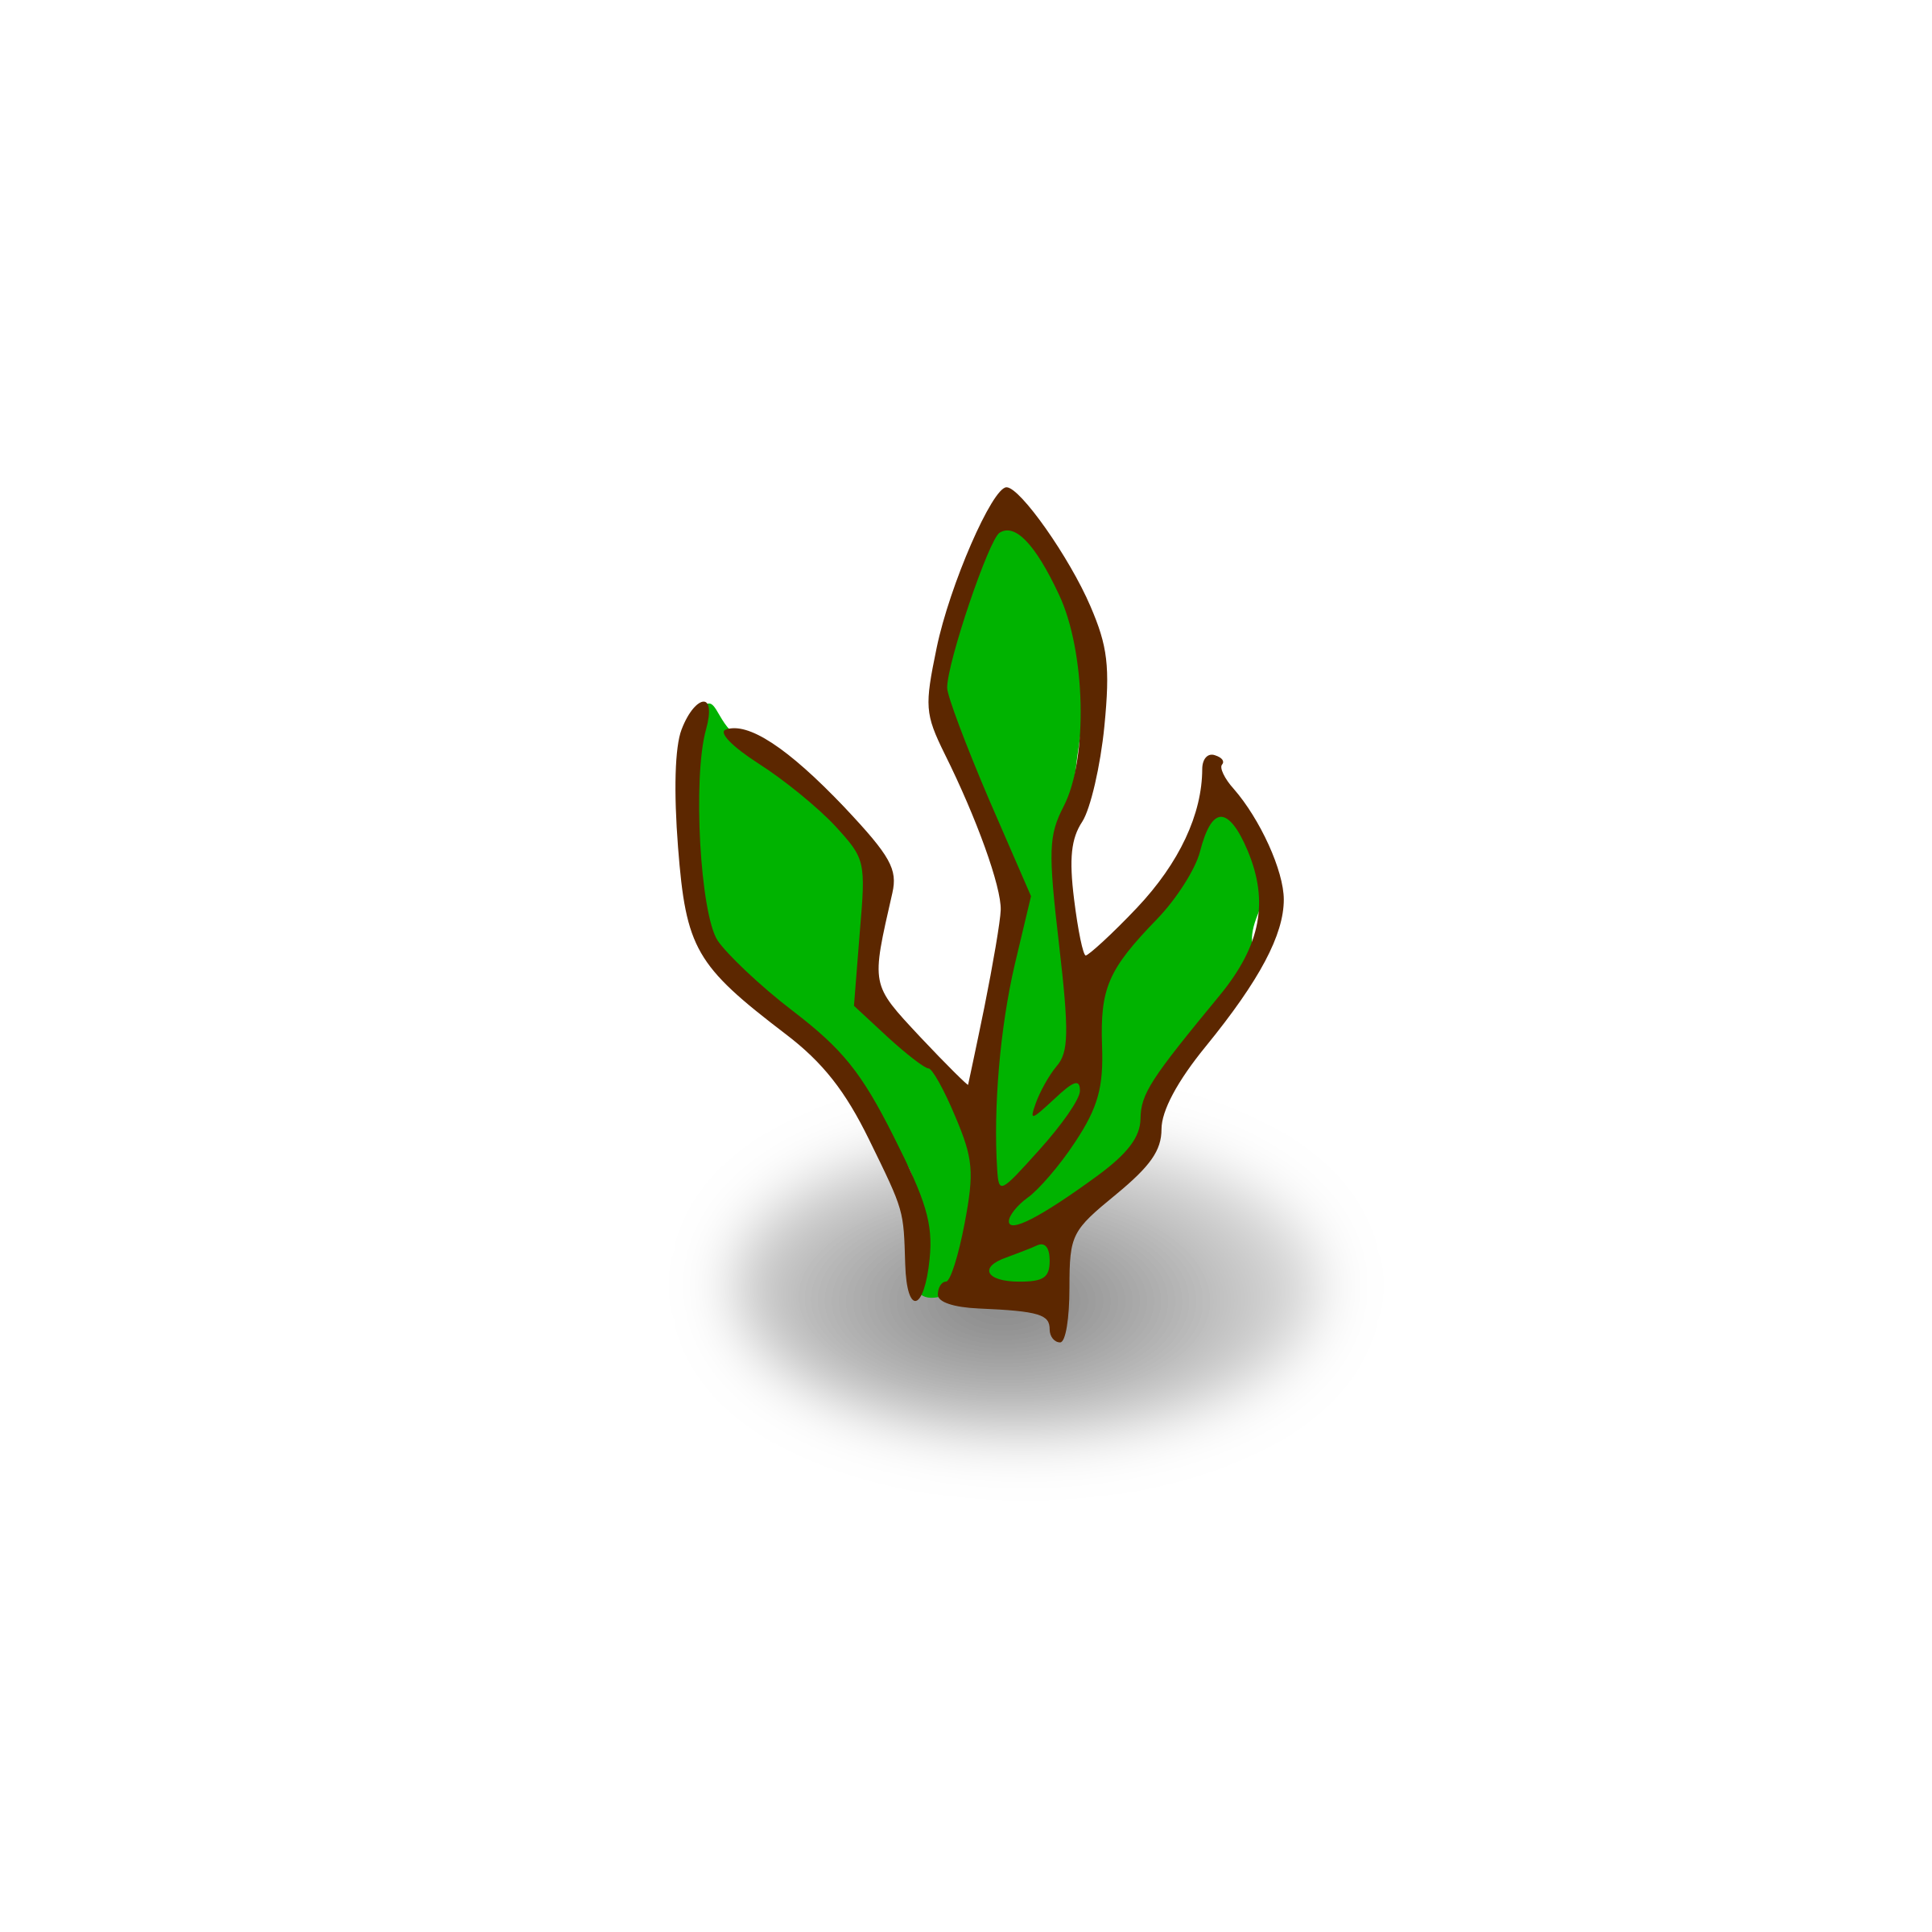 Rpg map symbols big. Logo clipart plant